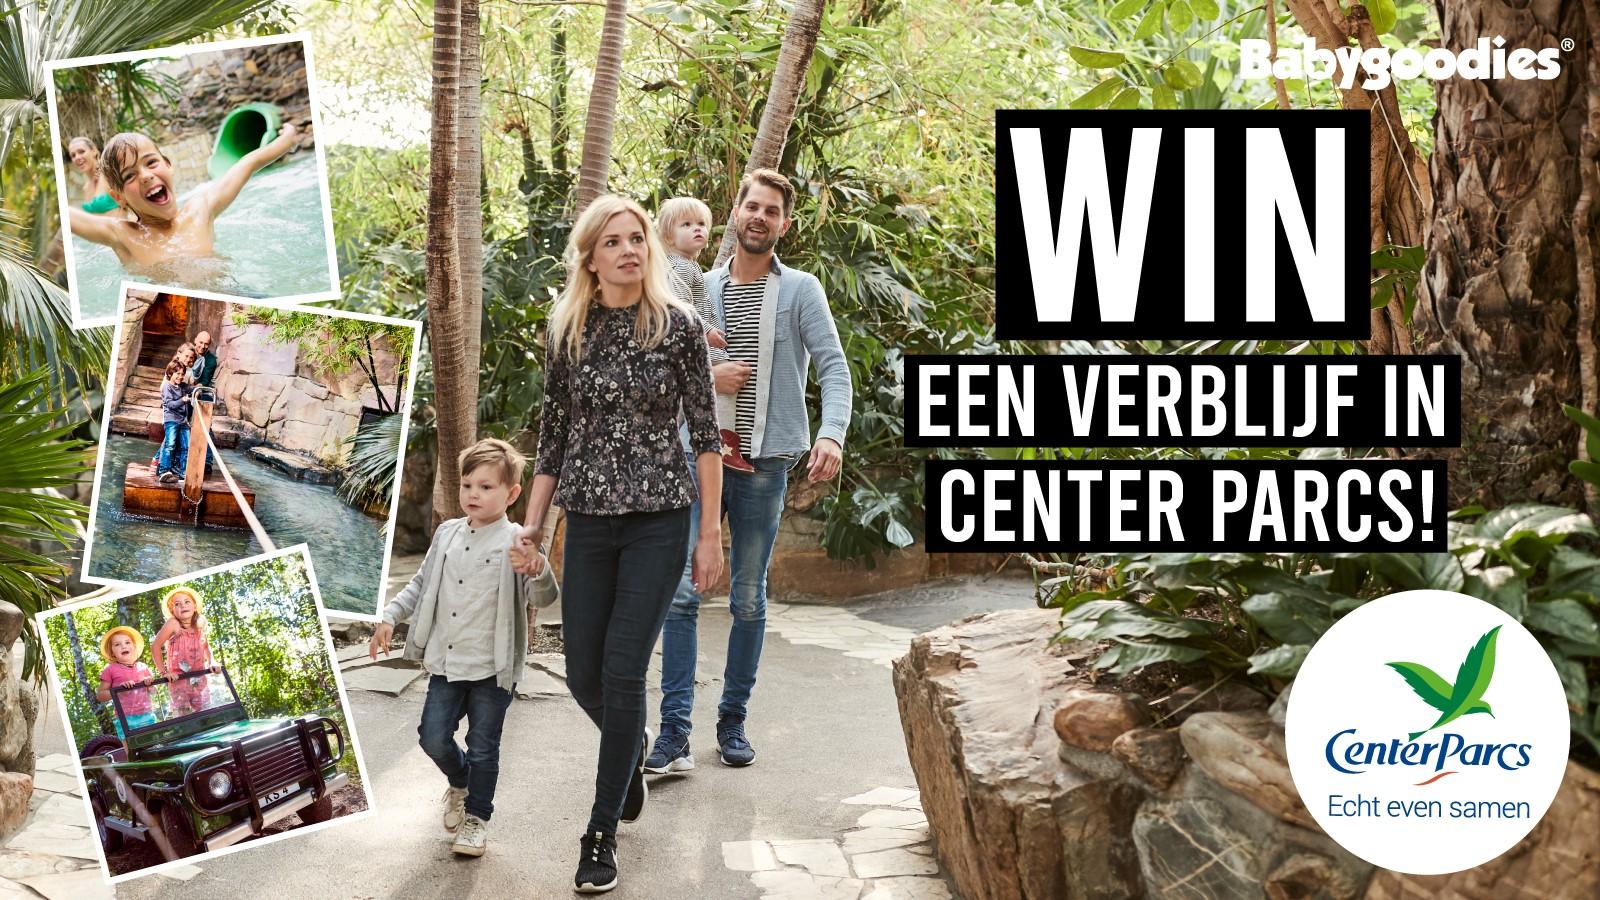 Win een verblijf in CenterParcs!